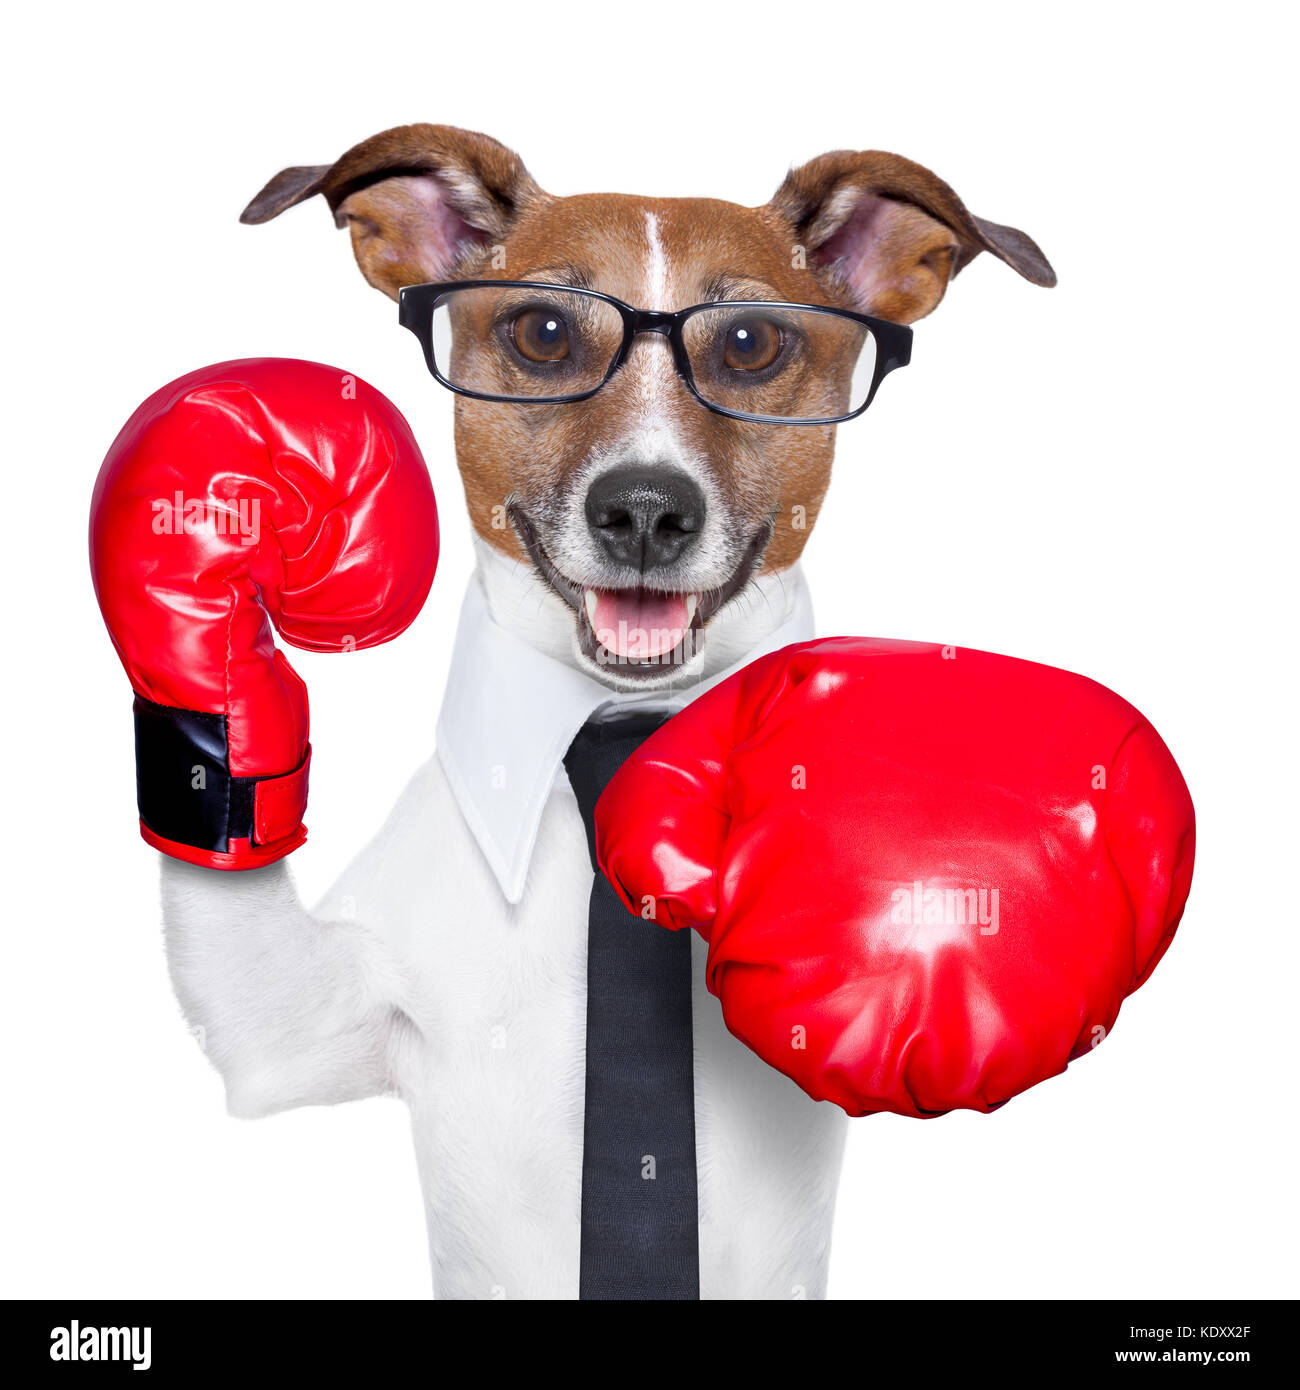 Поздравление с днем бокса боксеров 80